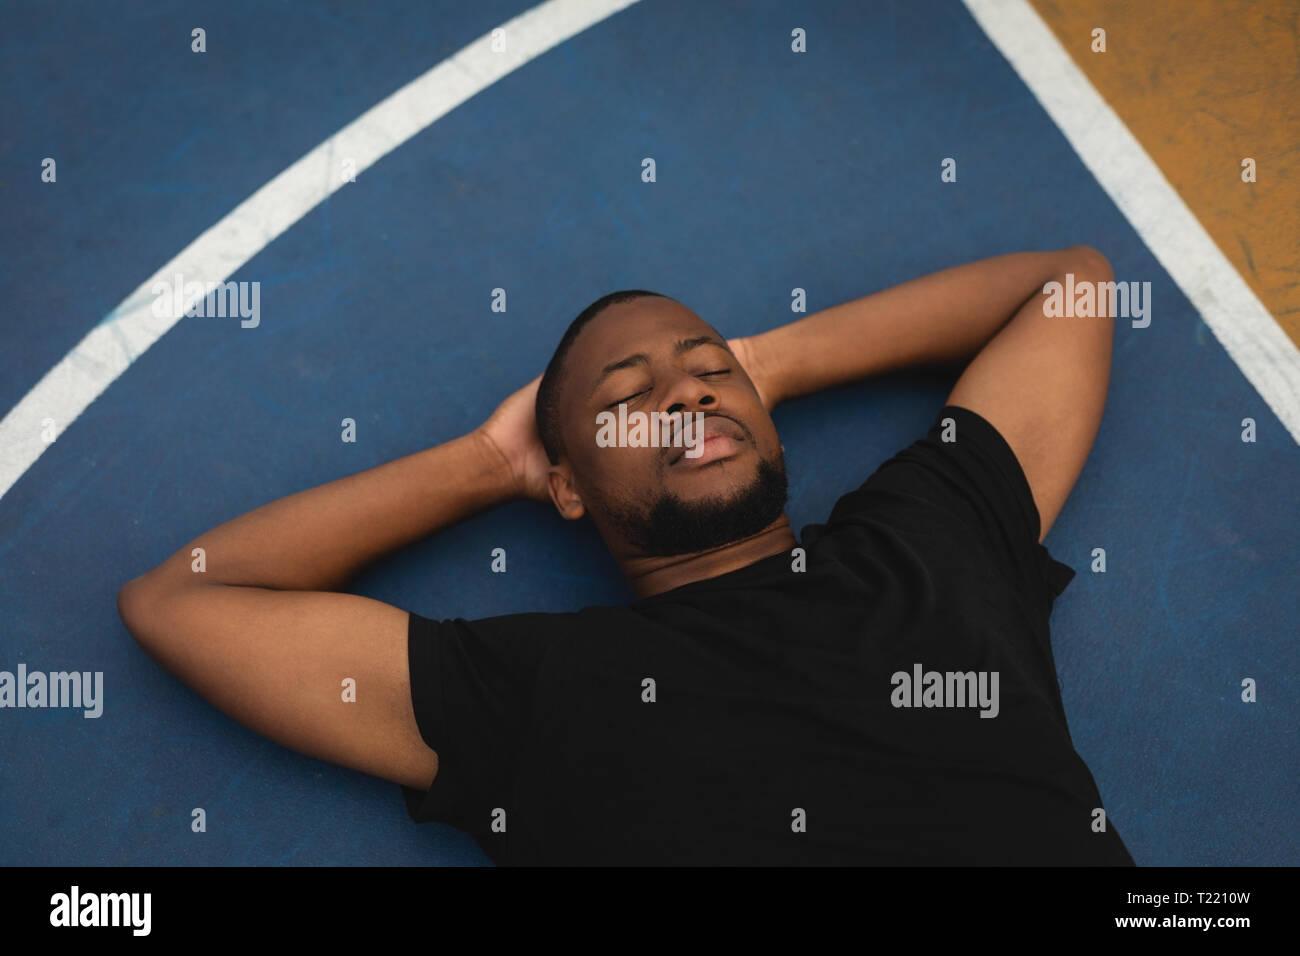 Giocatore di basket rilassante sul pavimento nel campo di pallacanestro Foto Stock